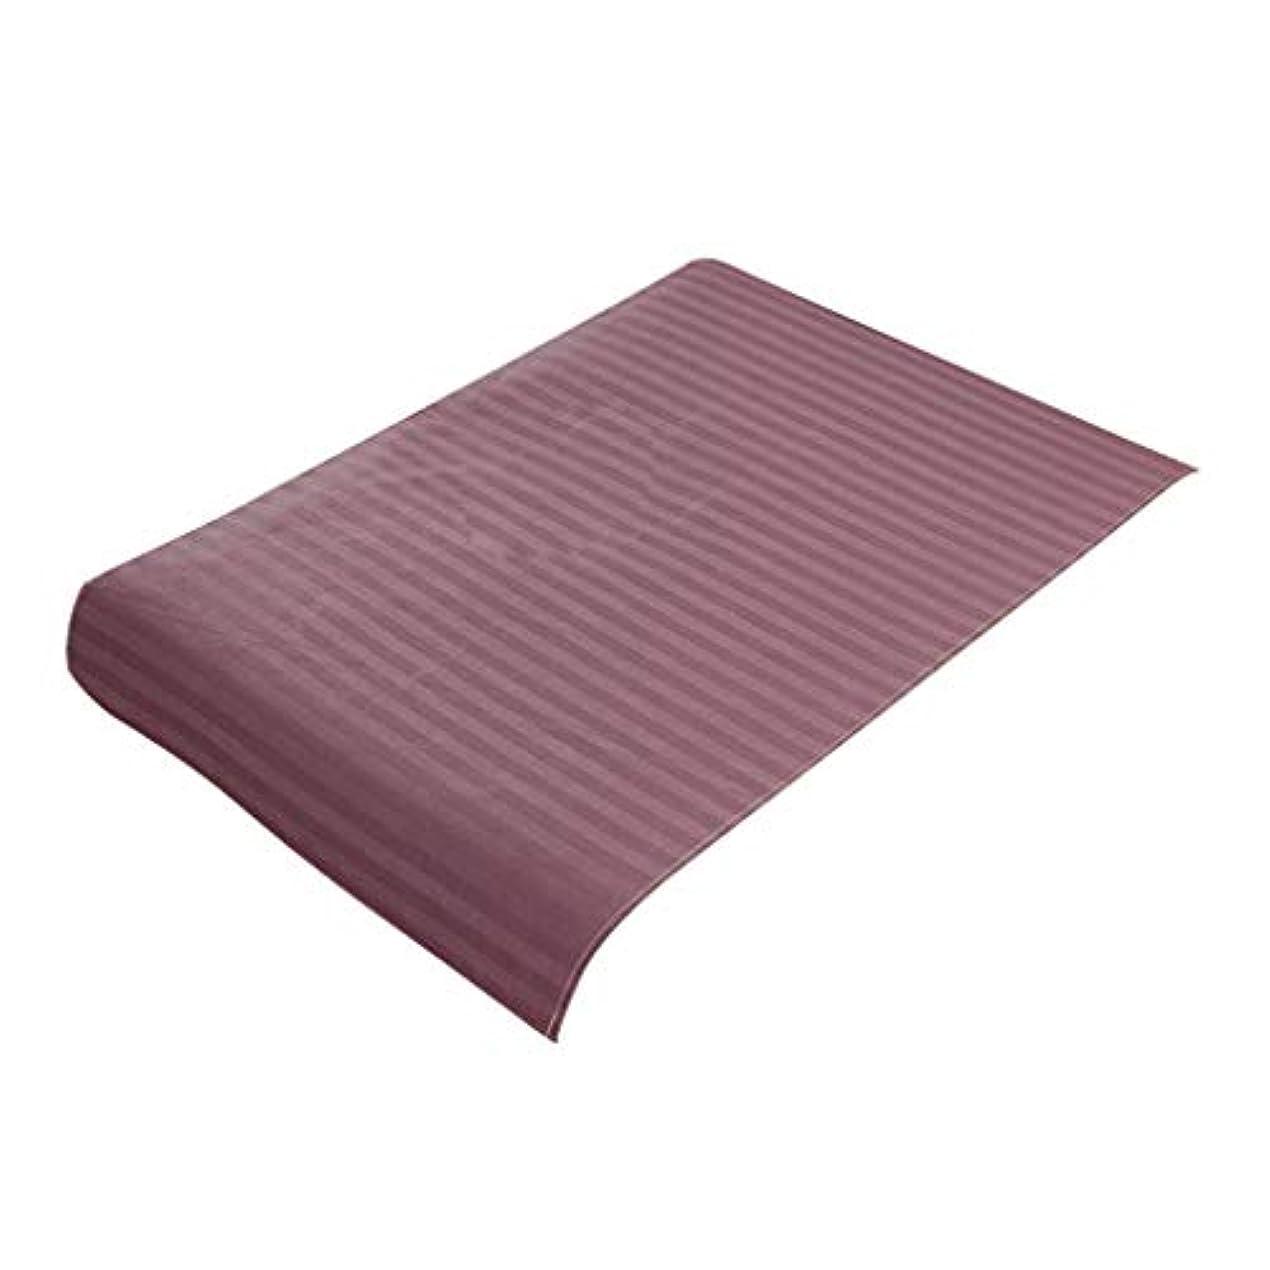 よろしく伝染性シャッターPerfeclan ベッドカバー 美容 サロン スパ マッサージ ベッドシート フェース用 ピュアコットン - 紫